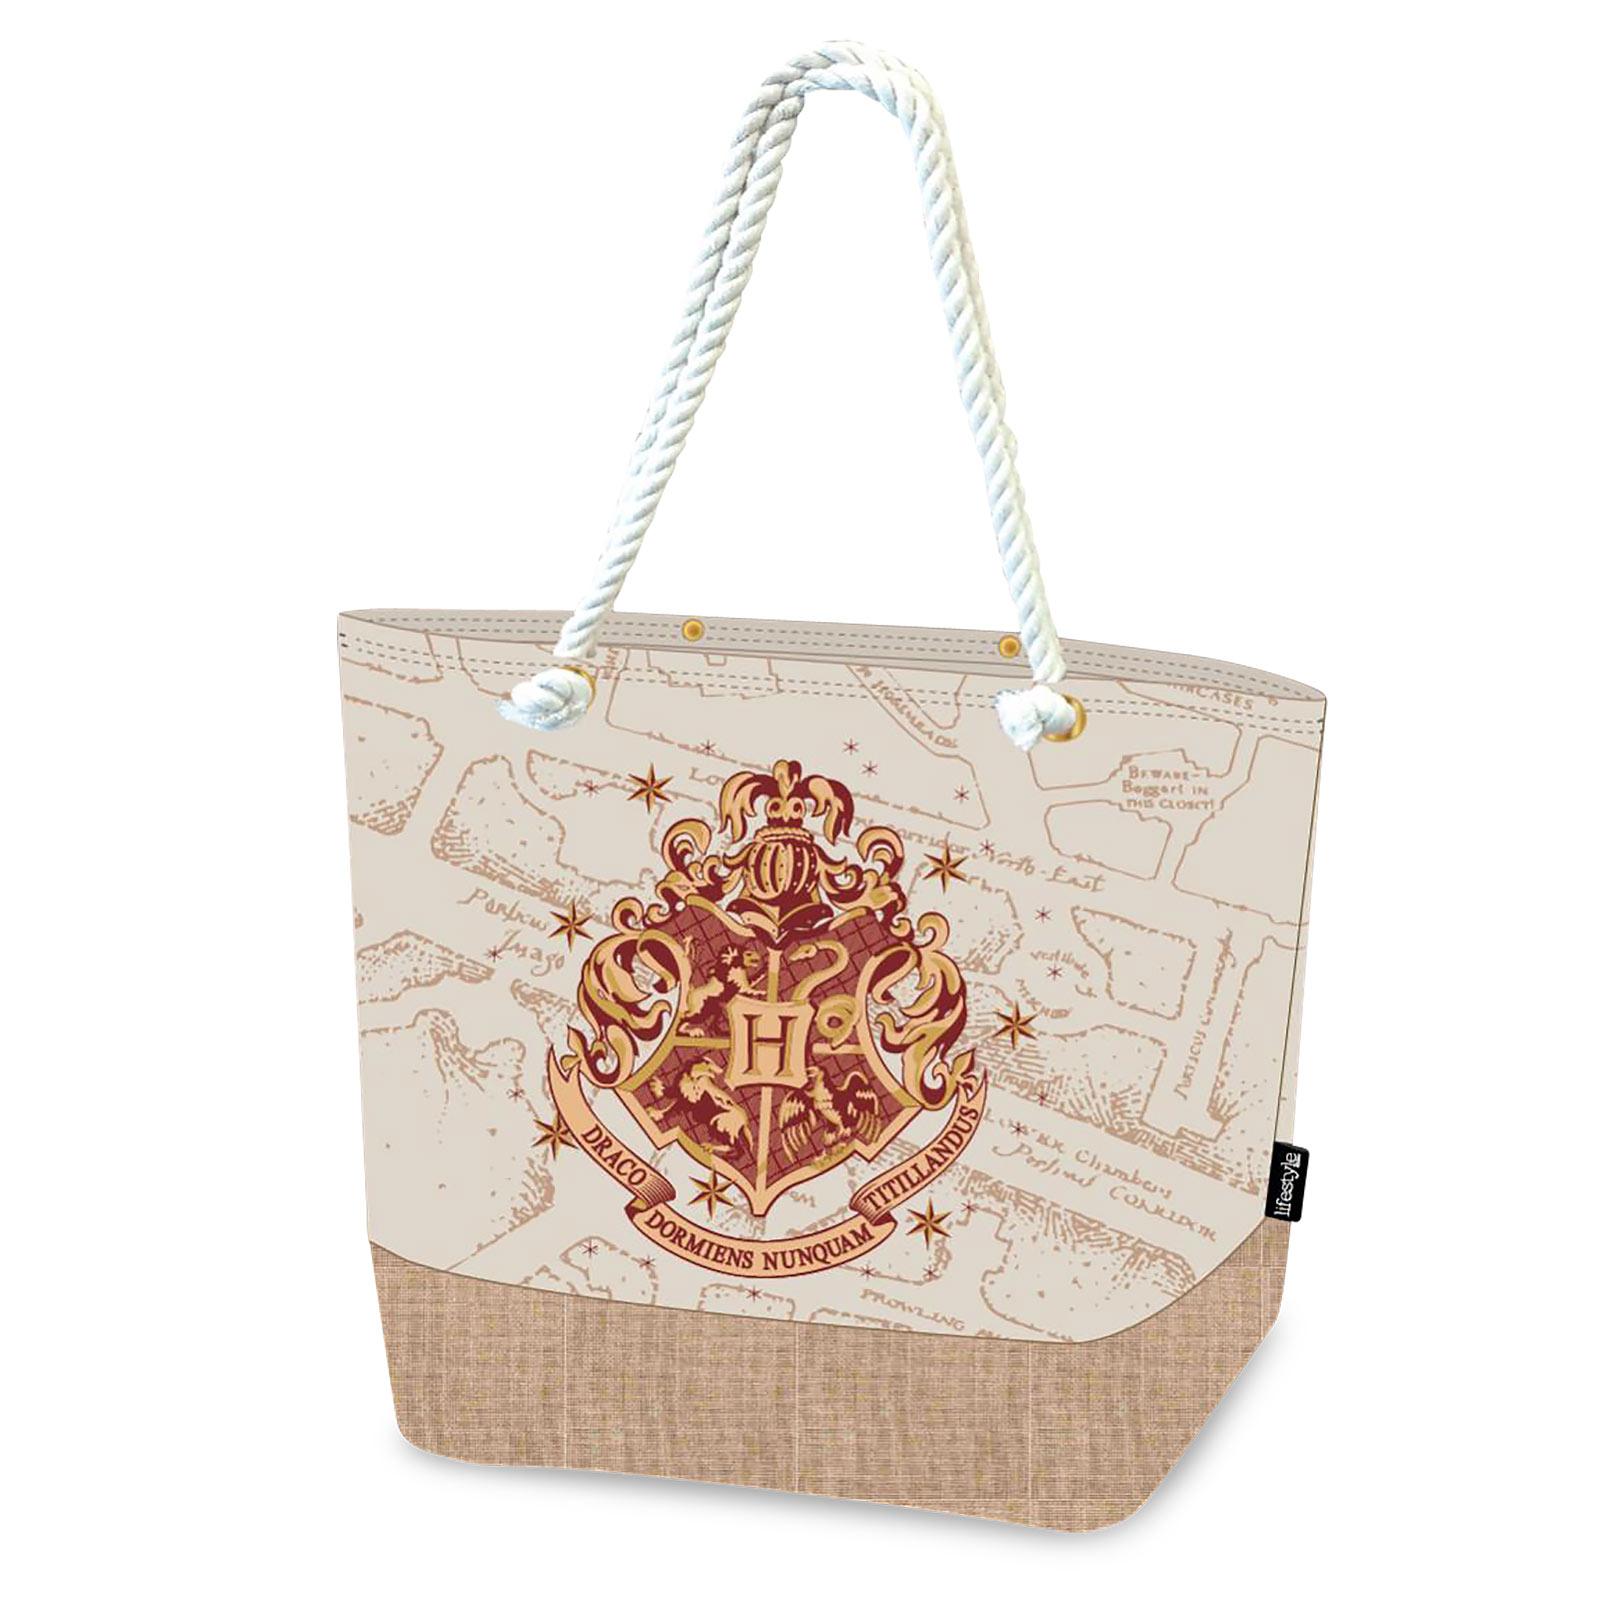 Harry Potter - Hogwarts Strandtasche